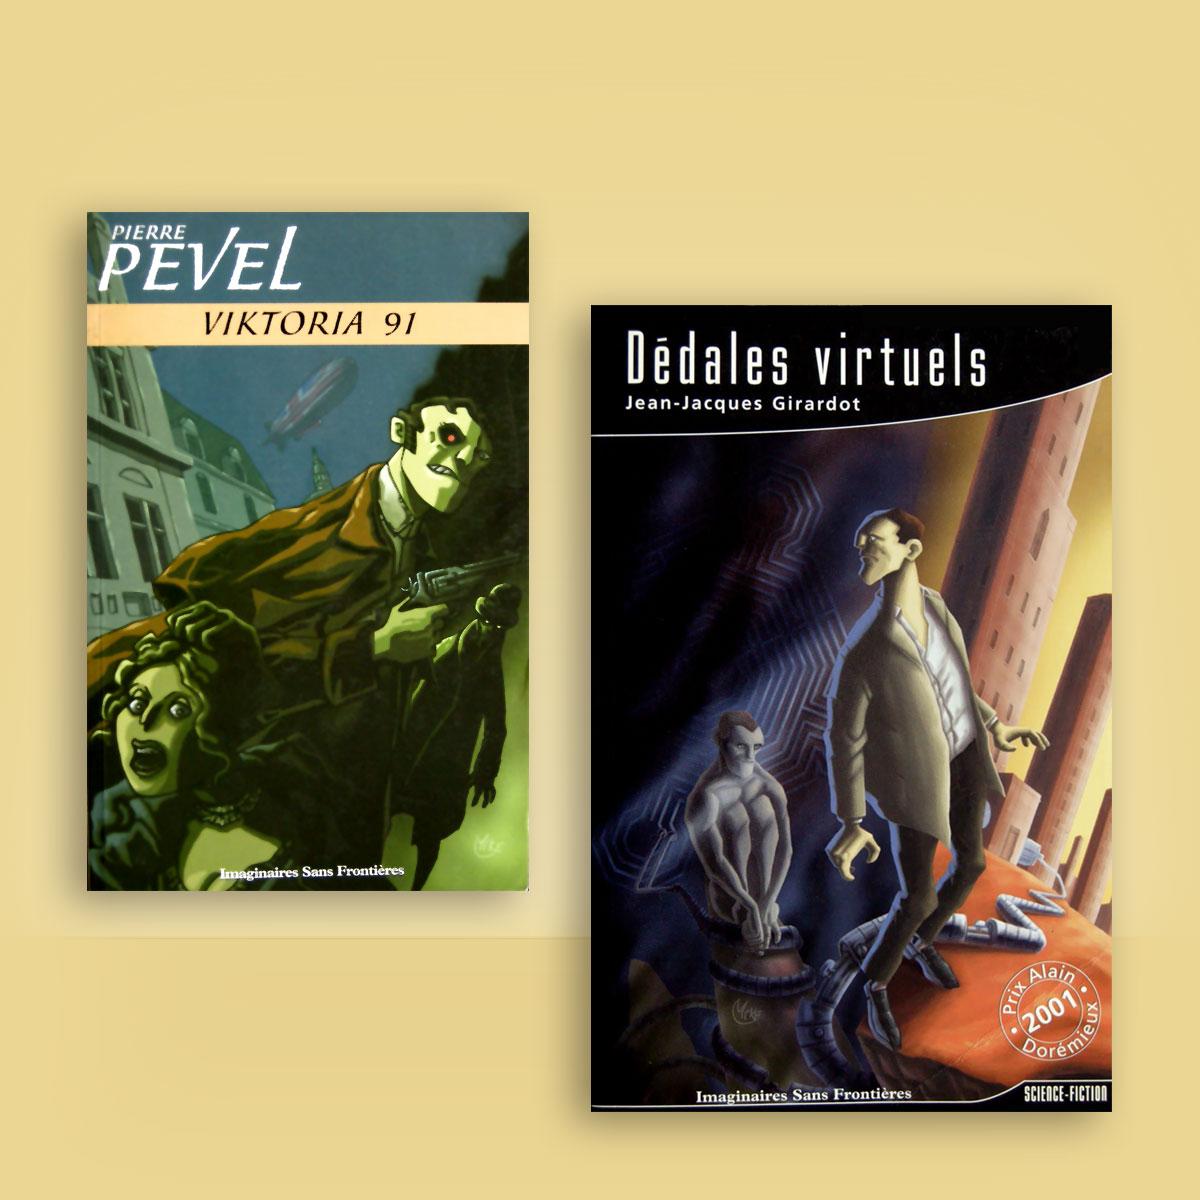 ilustración portada de libro